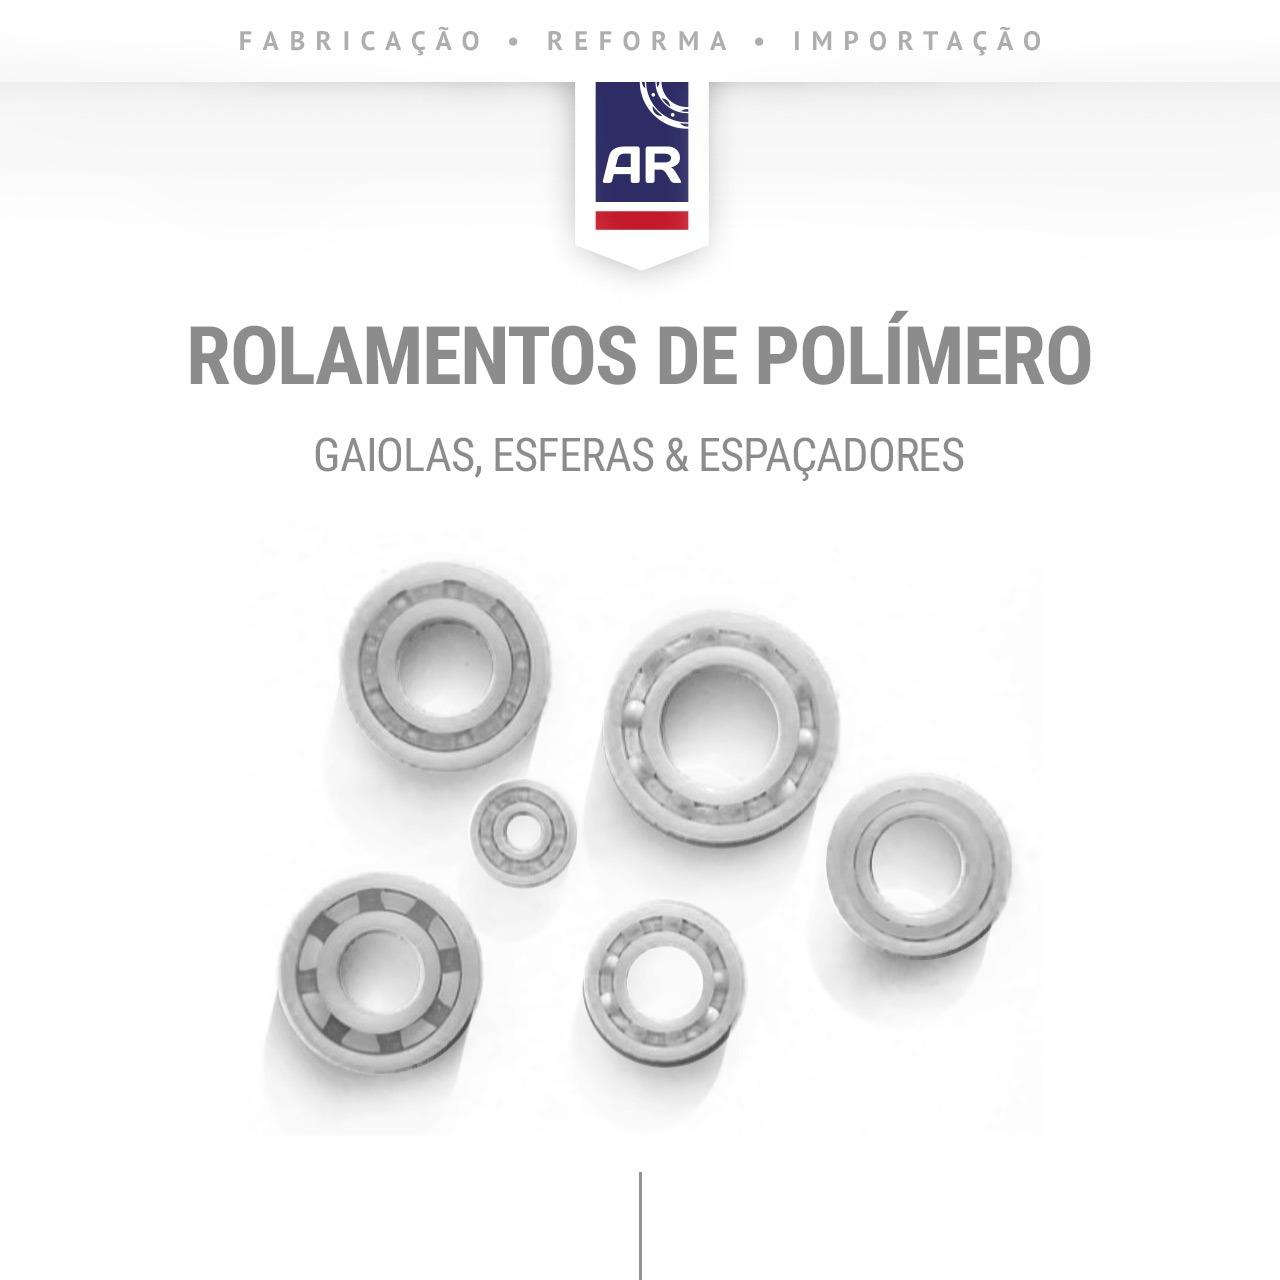 rolamentos-polimero-nylon